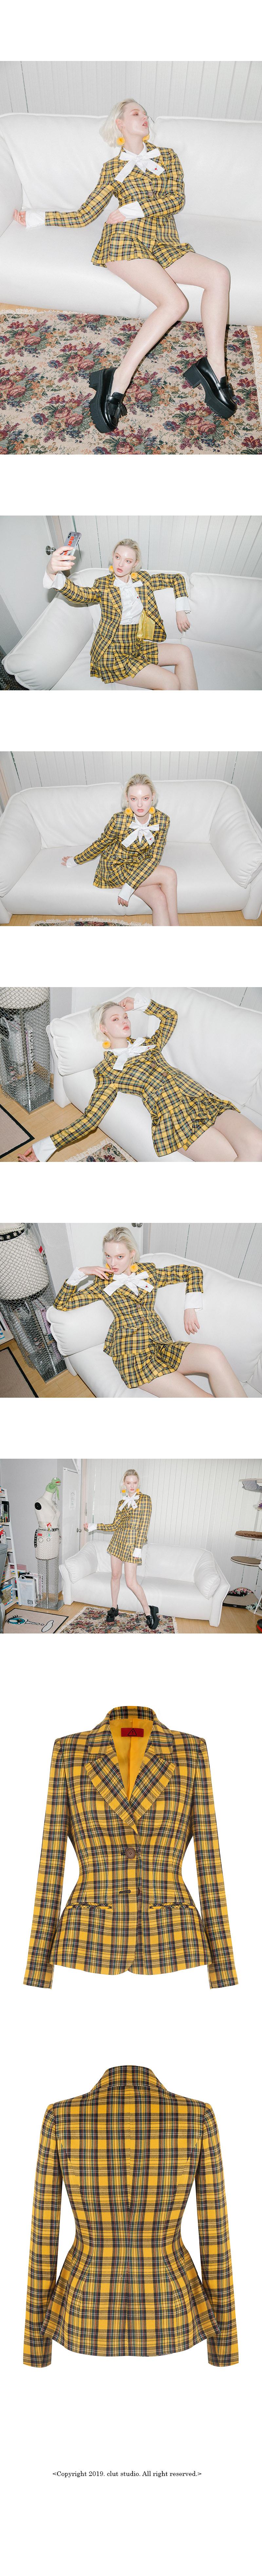 클럿 스튜디오(CLUT STUDIO) 0 5 드라마 퀸 체크 재킷 - 옐로